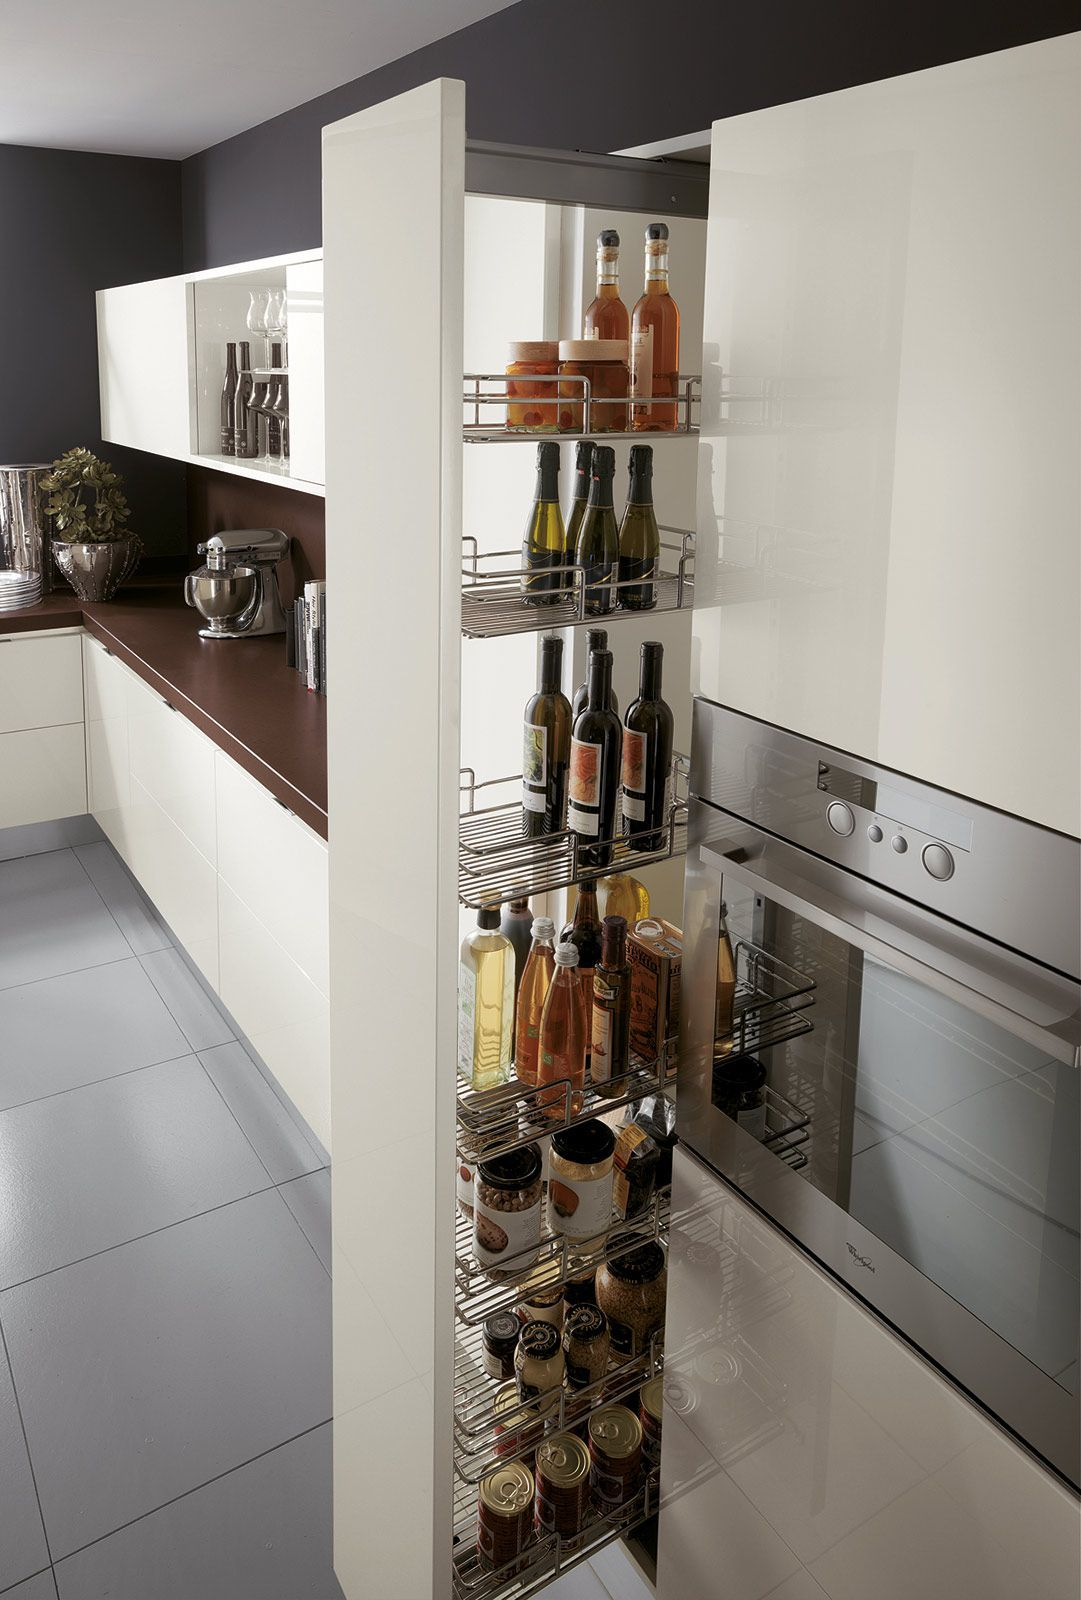 Cucina: che moduli scelgo per la dispensa | Progettazione di ...